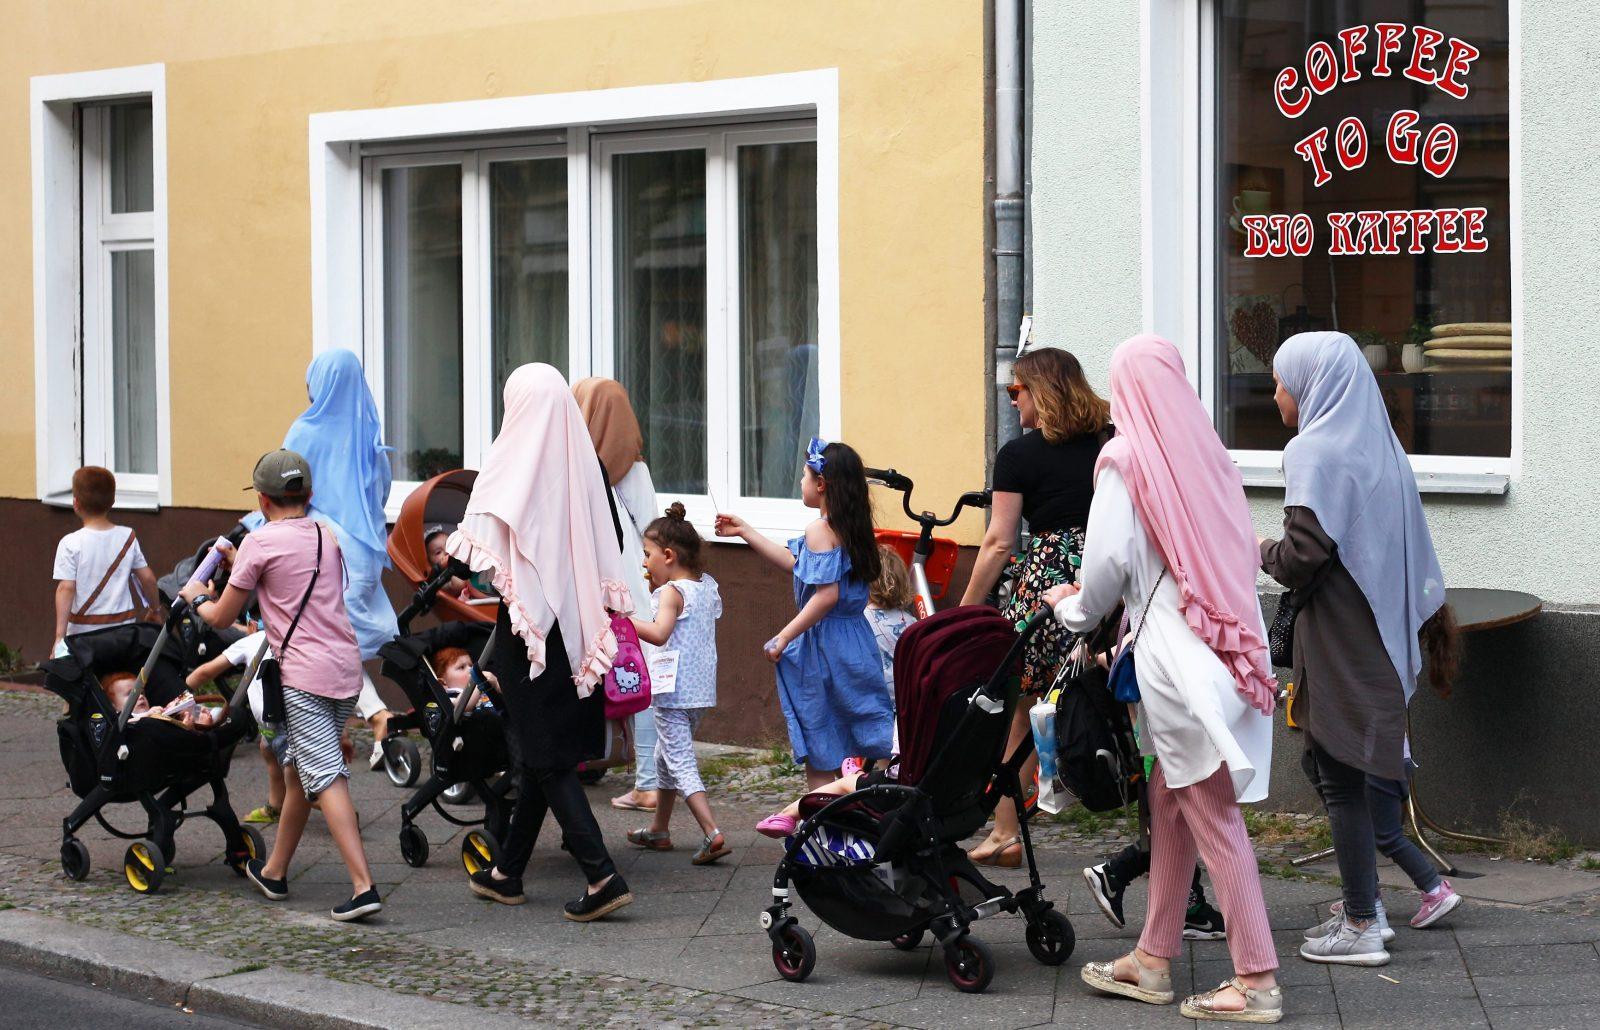 Moslemische Frauen gehen zusammen mit Kindern neben einer deutschen Frau über einen Fußweg in Schöneberg.